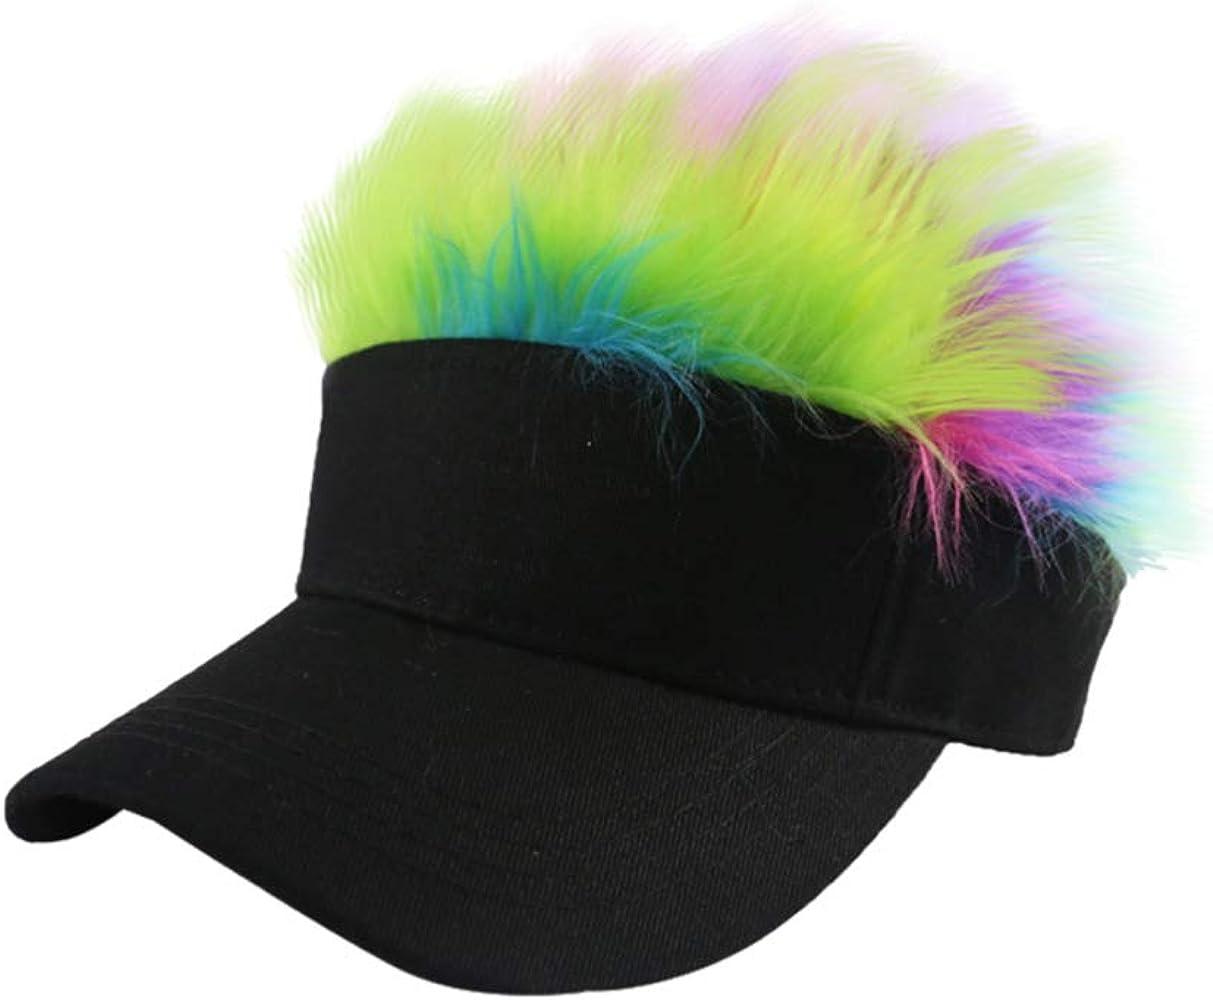 FENICAL visera para el cabello gorra de béisbol con pelo arcoíris ...